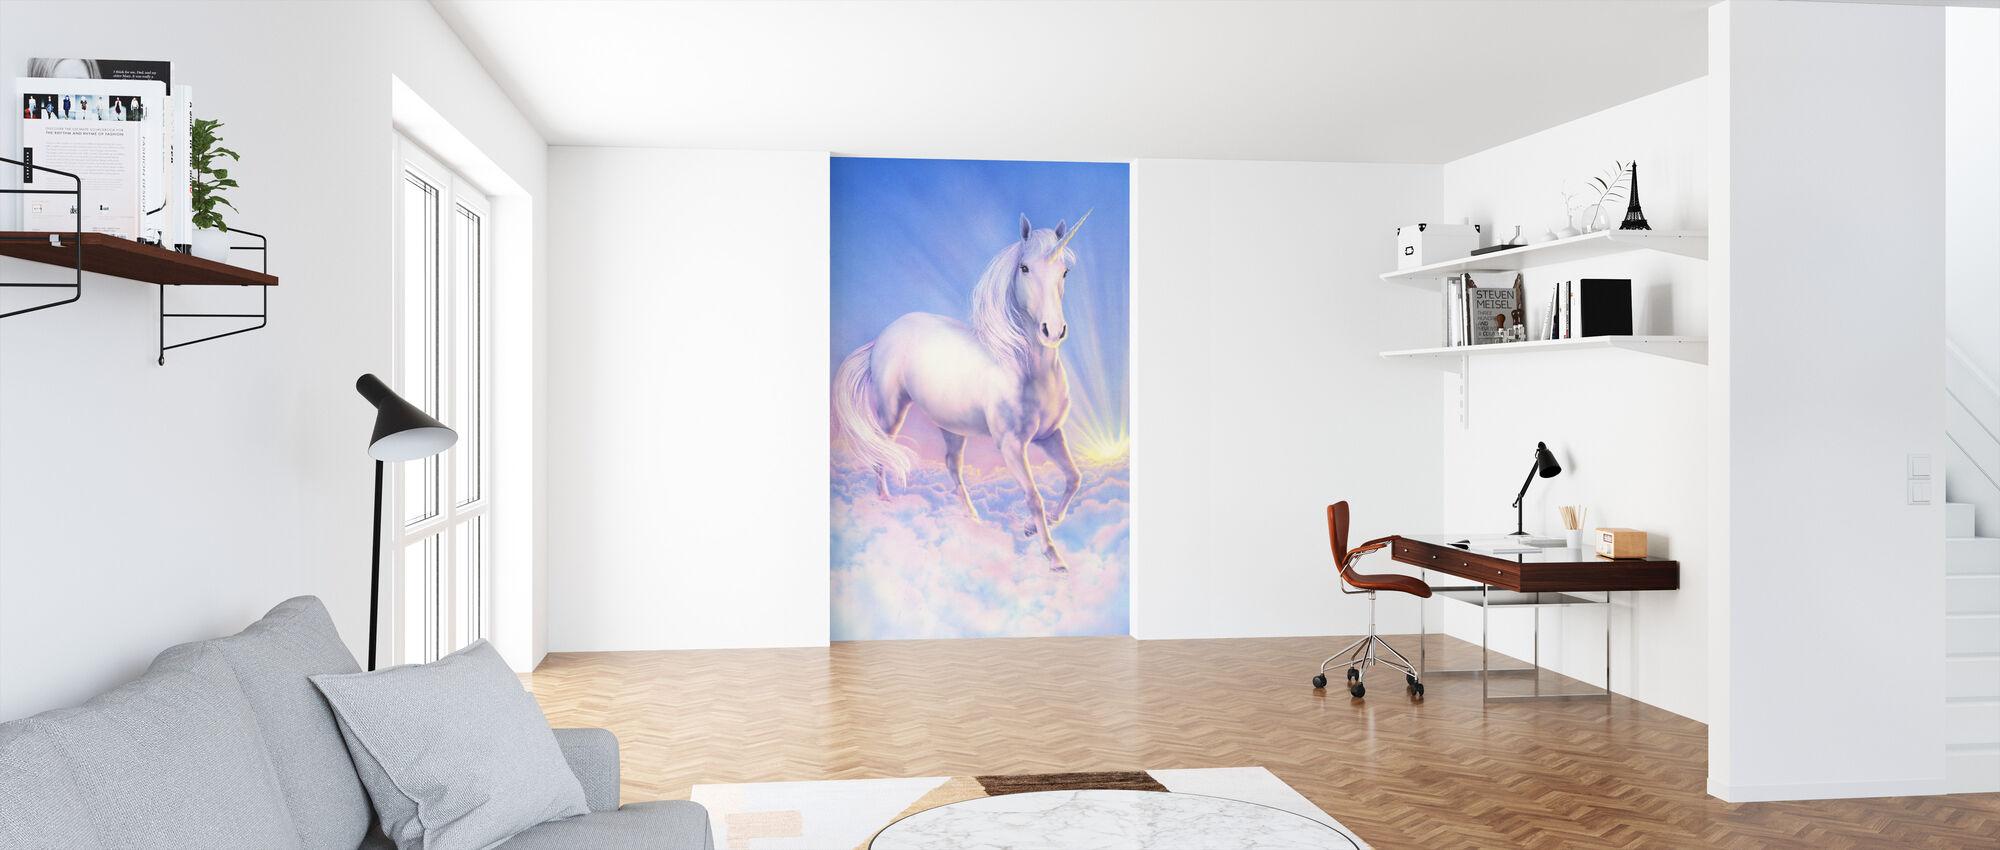 Drøm Enhjørning - Tapet - Kontor